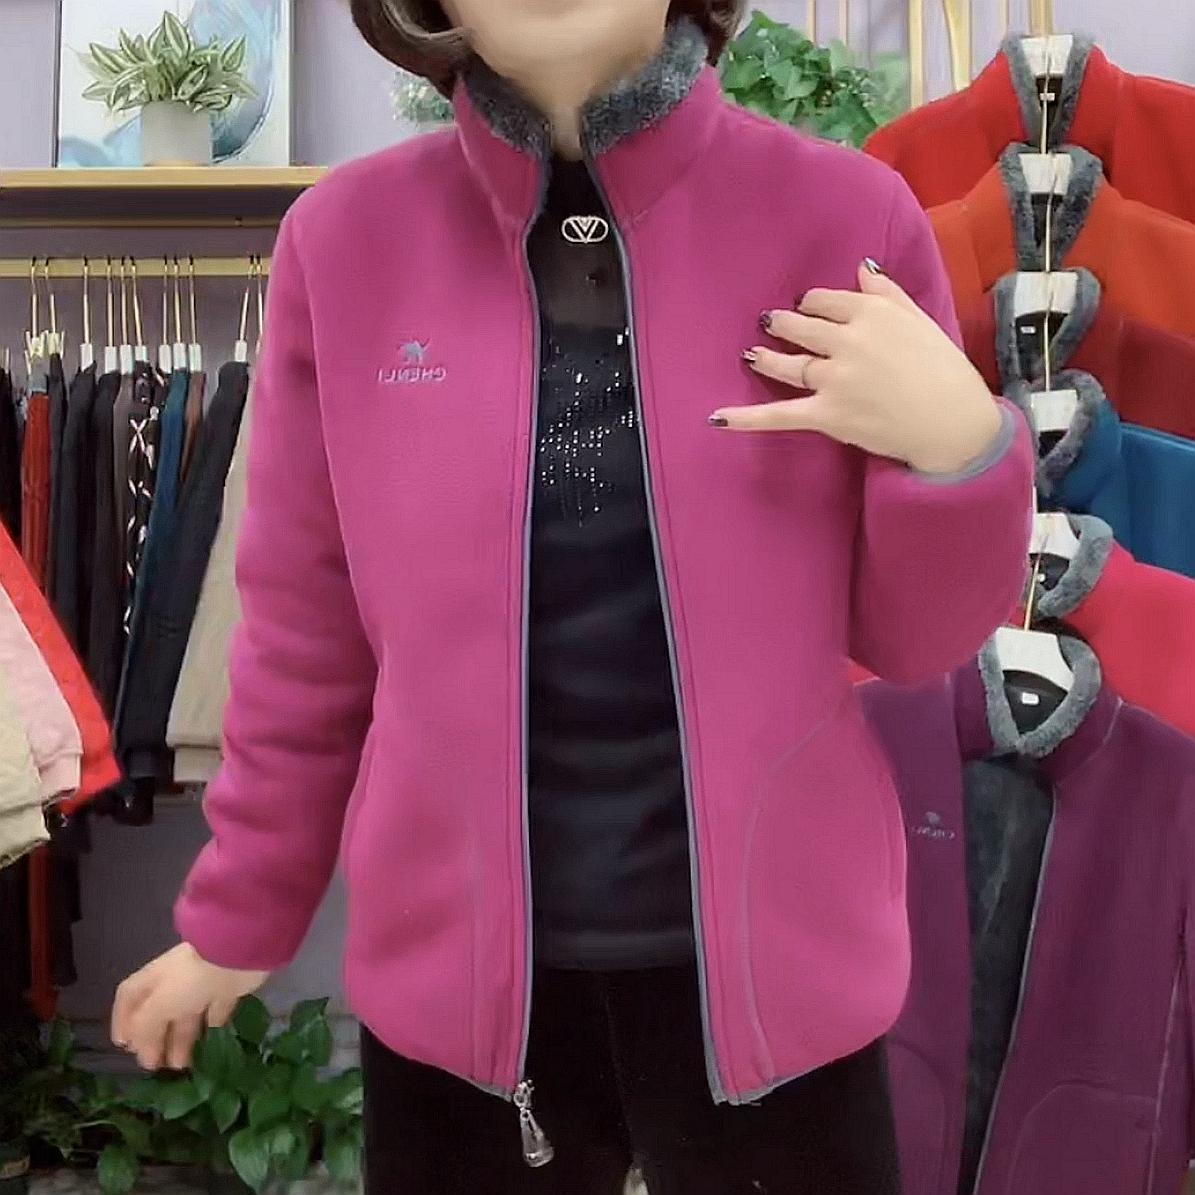 中年大码女装上衣中老年人外套春秋季妈妈装风衣加绒摇粒绒夹克衫